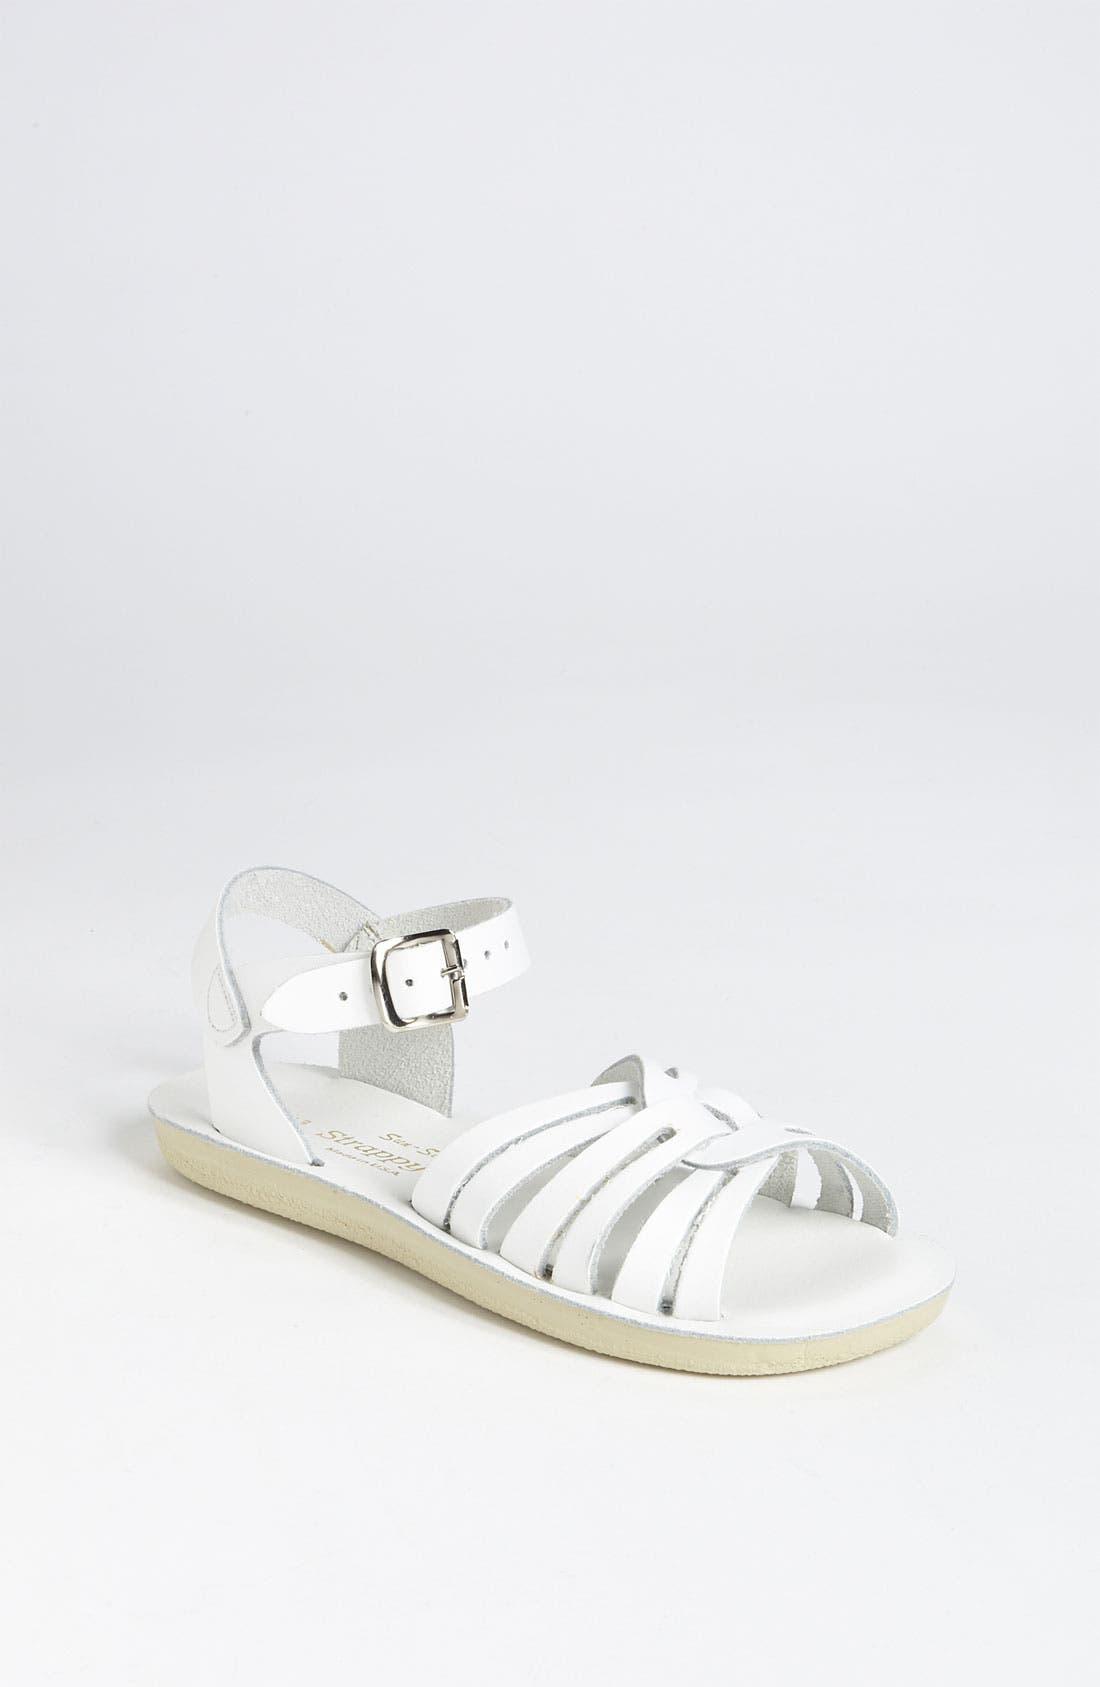 Alternate Image 1 Selected - Salt Water Sandals by Hoy Strappy Sandal (Walker, Toddler & Little Kid)